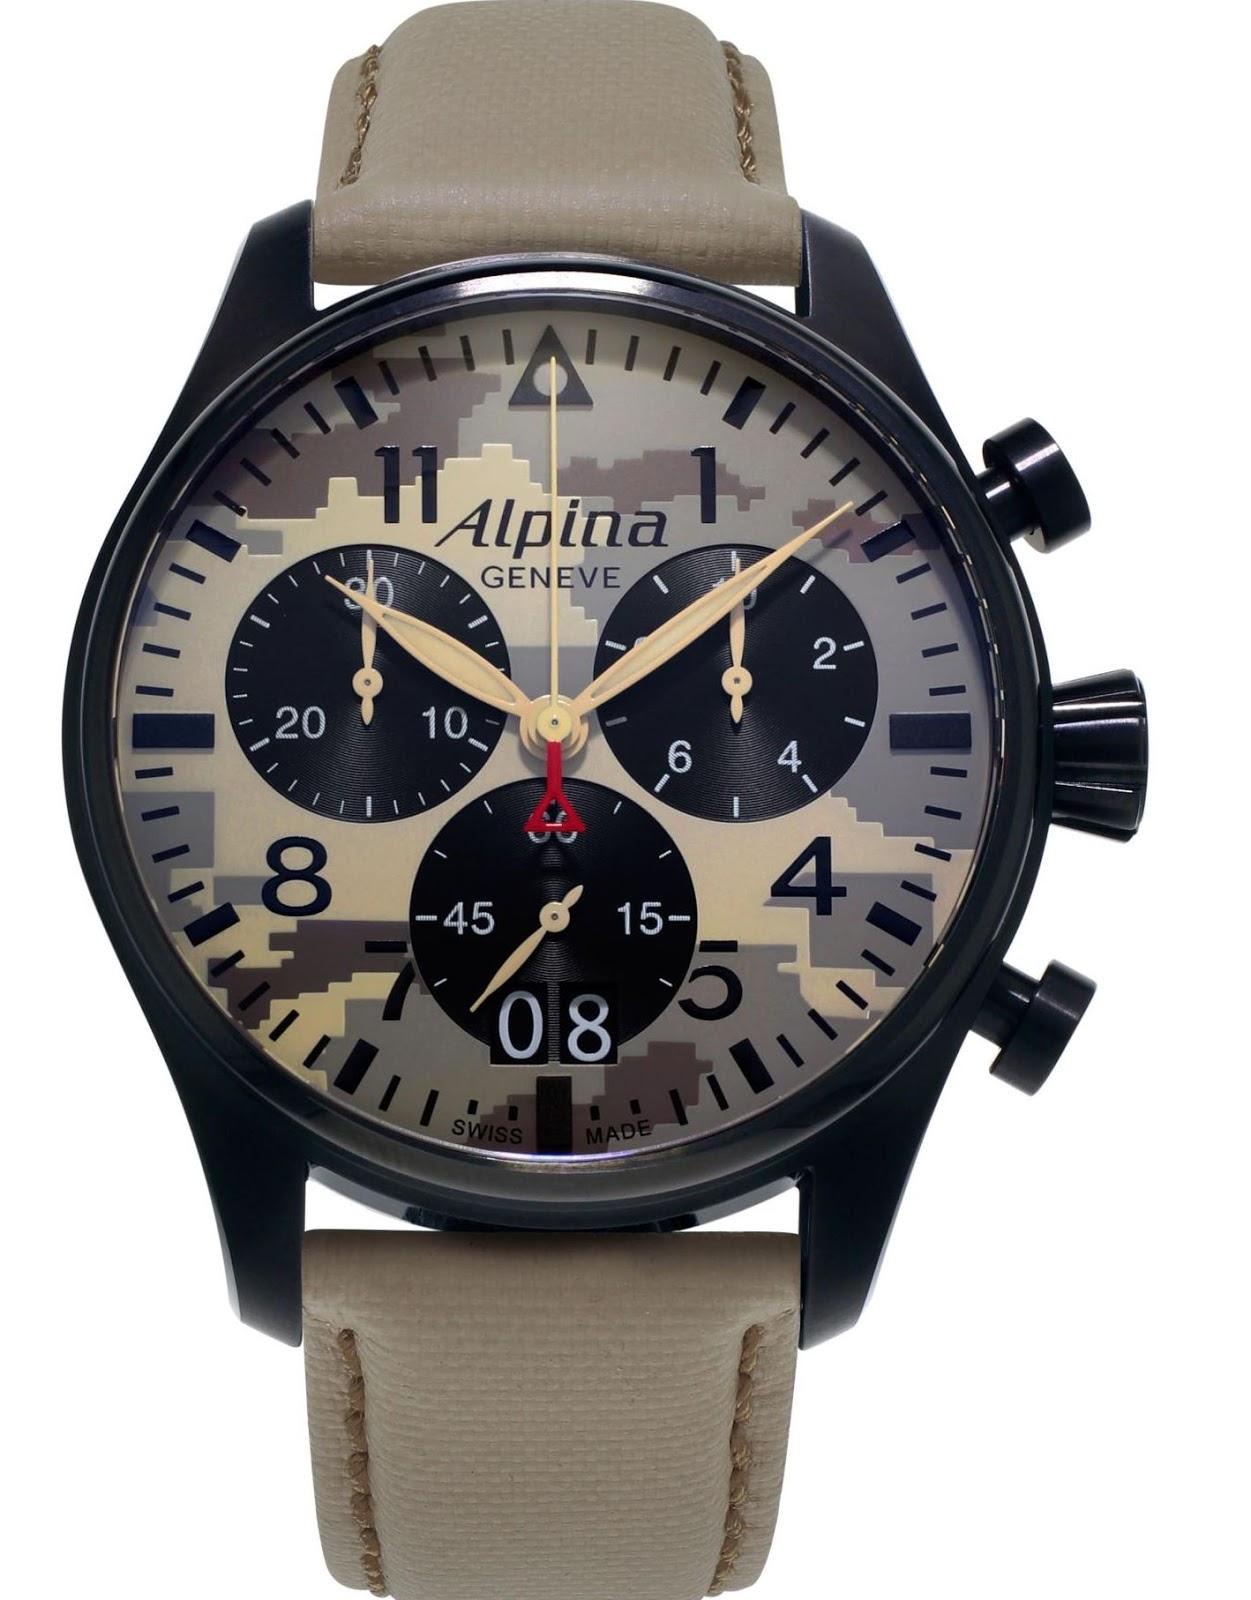 Naziv: 3Alpina Startimer Camouflage Pilot Big Date Chronograph 3.jpg, pregleda: 307, veličina: 212,0 KB